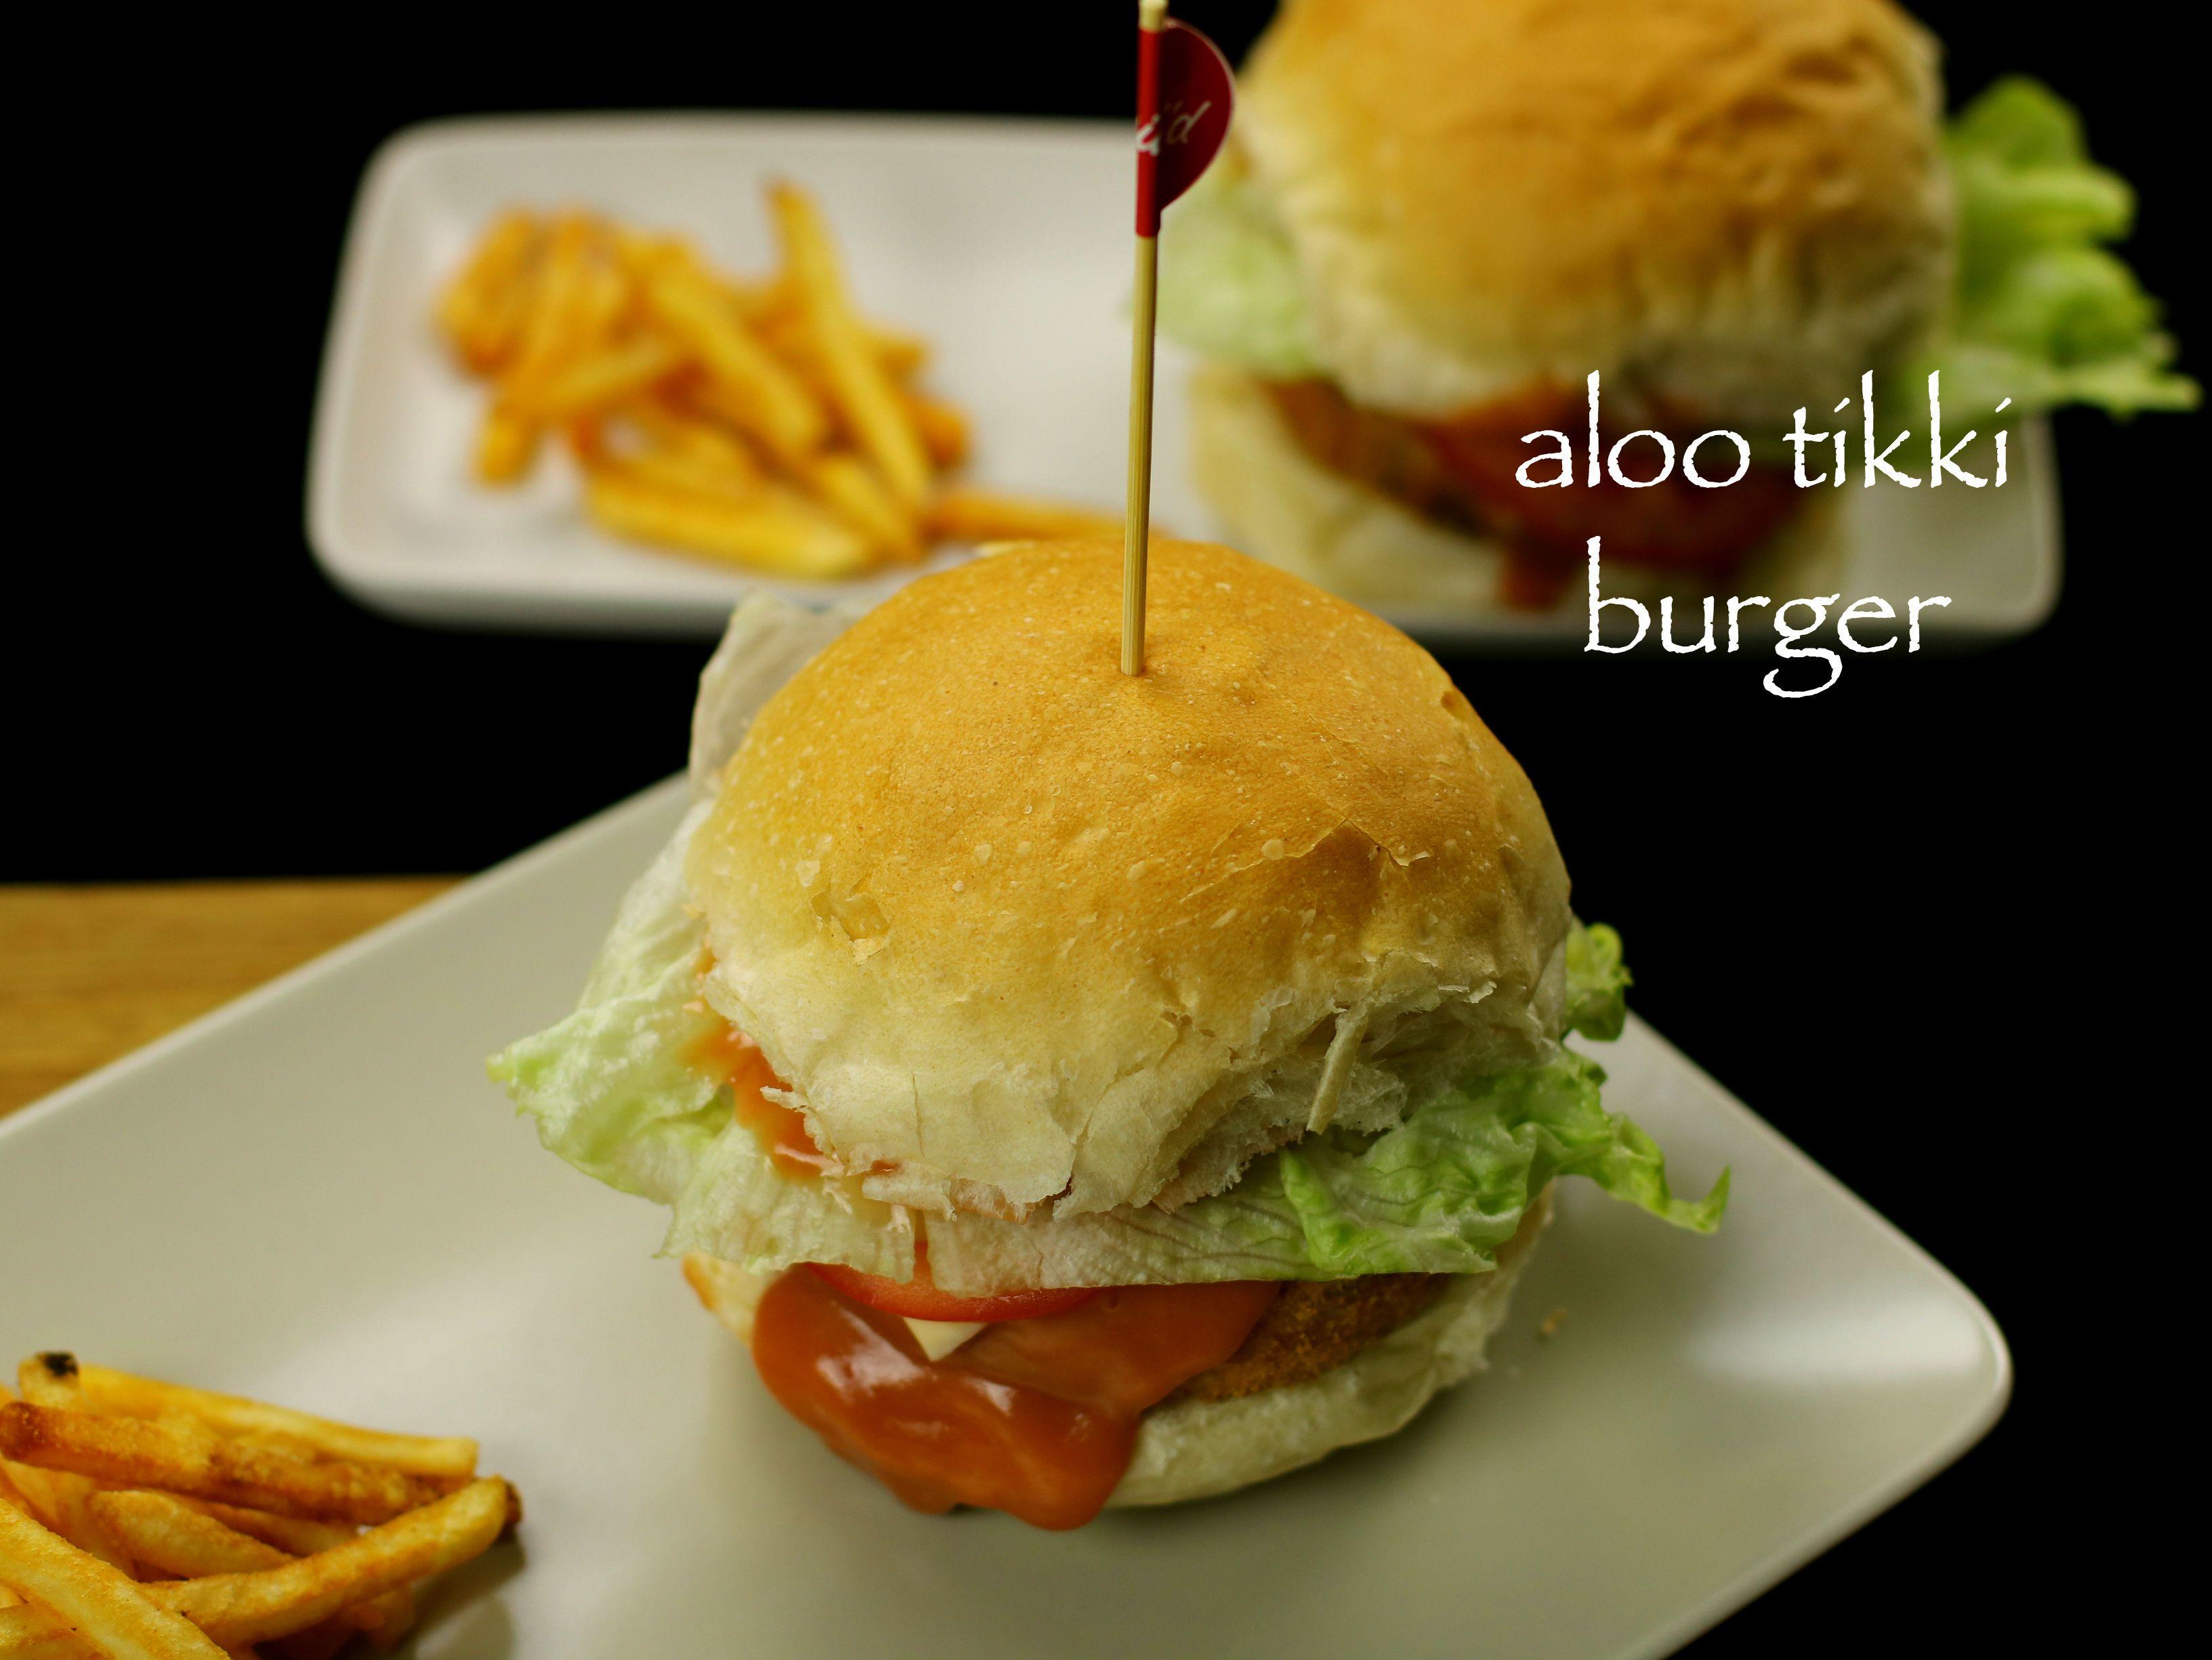 Aloo tikki burger potato patties burger recipe with step by step aloo tikki burger potato patties burger recipe with step by step photovideo forumfinder Image collections